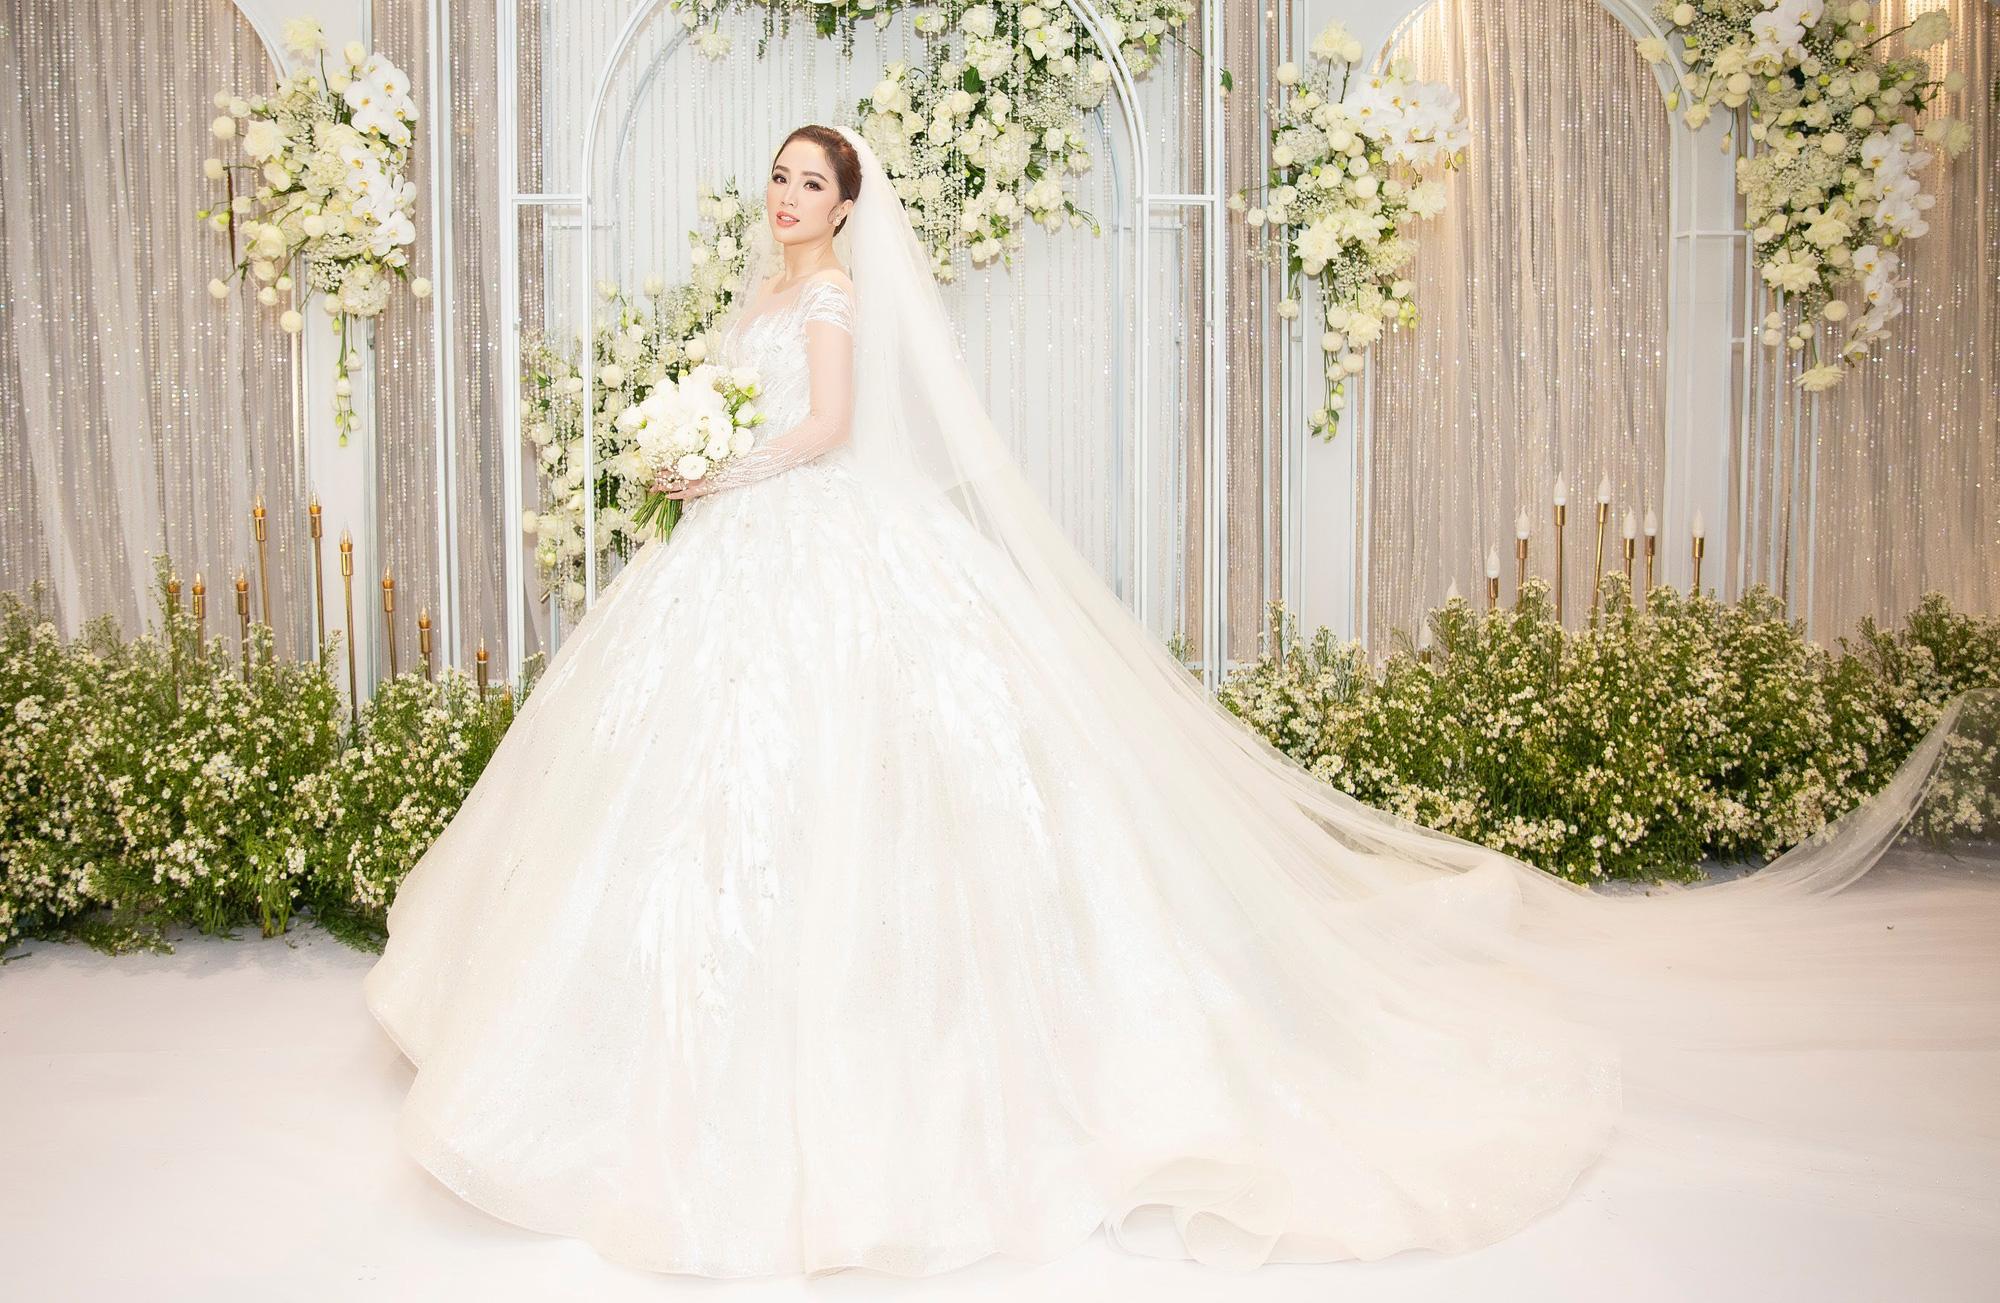 Ảnh cô dâu Bảo Thy lộng lẫy trong bộ váy cưới